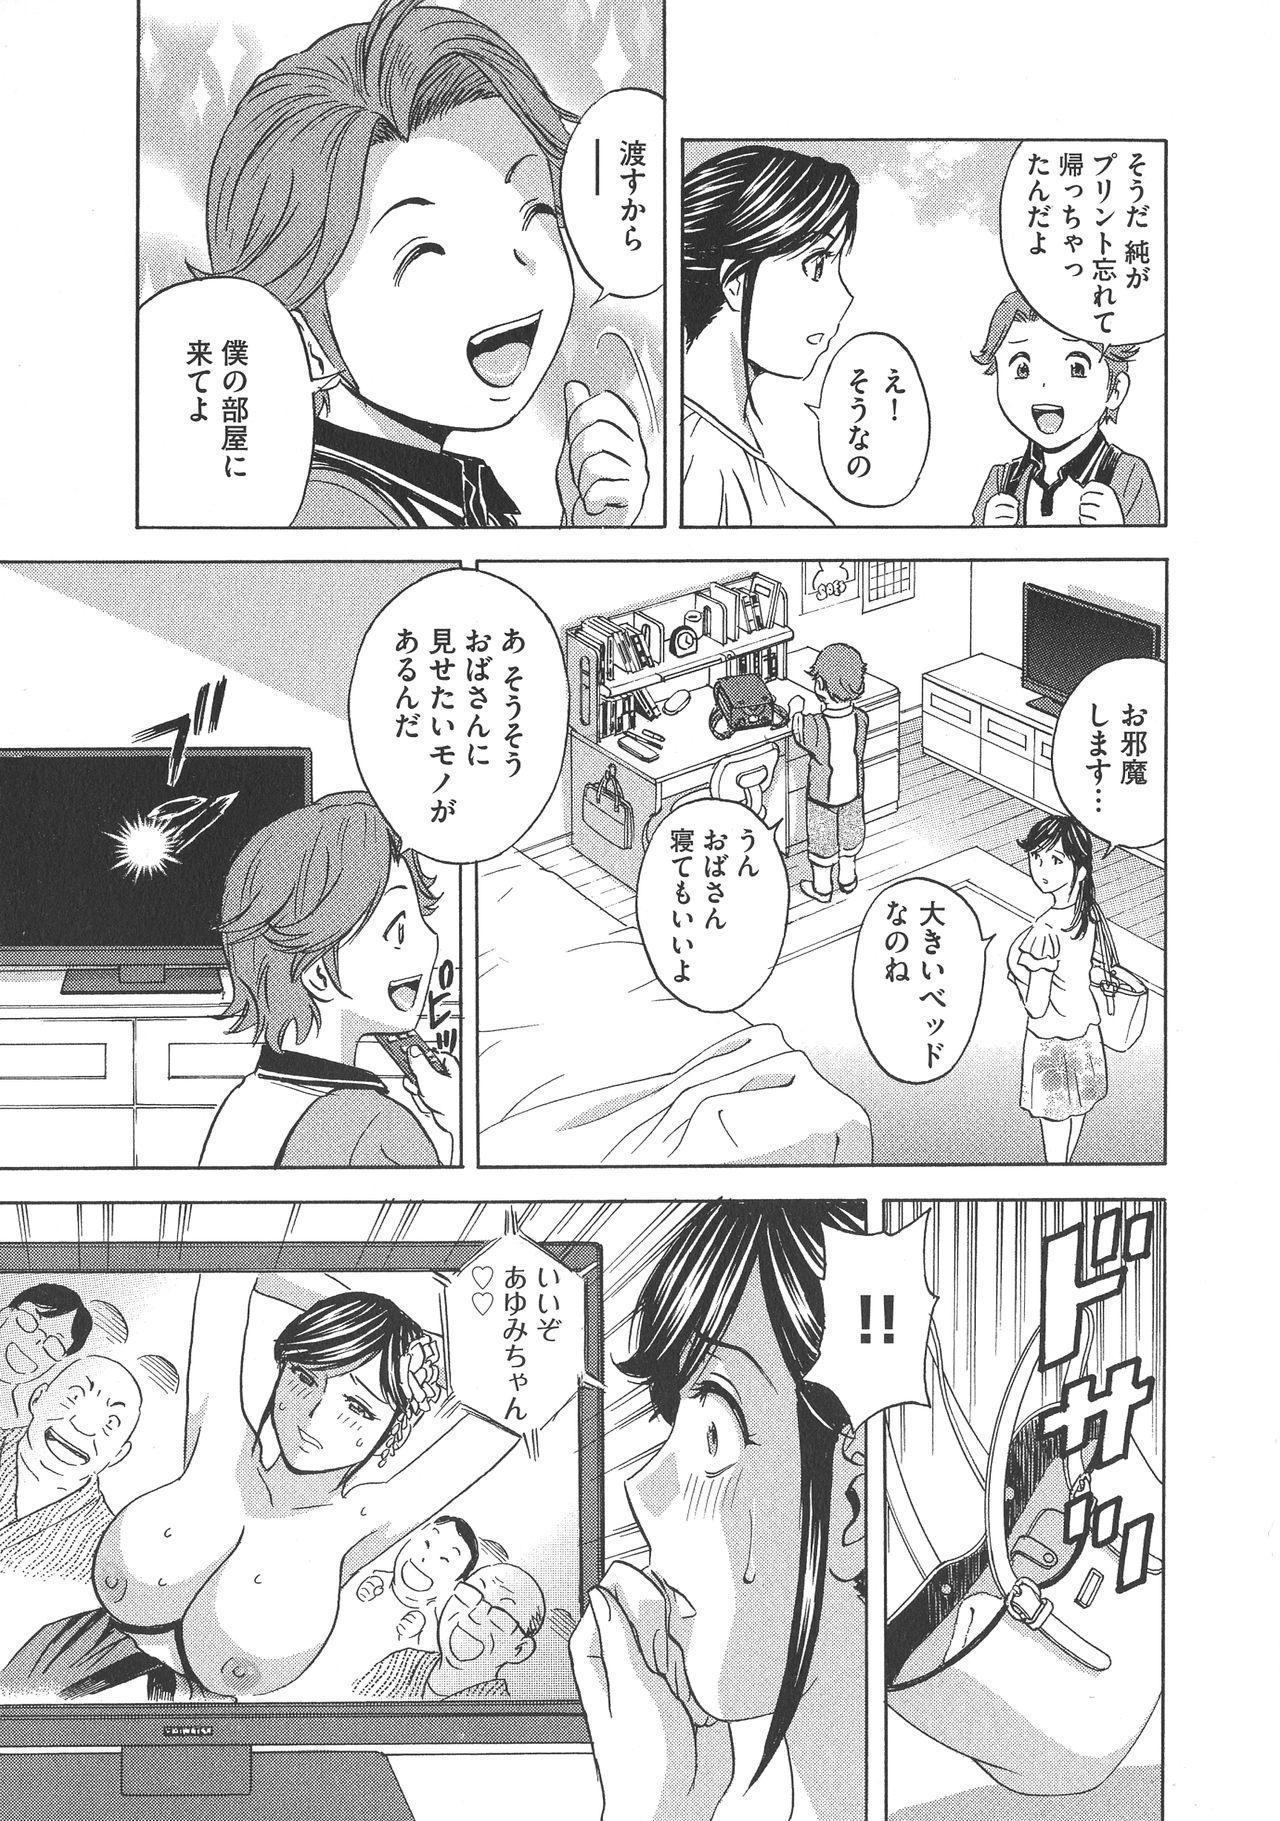 Chijoku ni Modaeru Haha no Chichi… 42